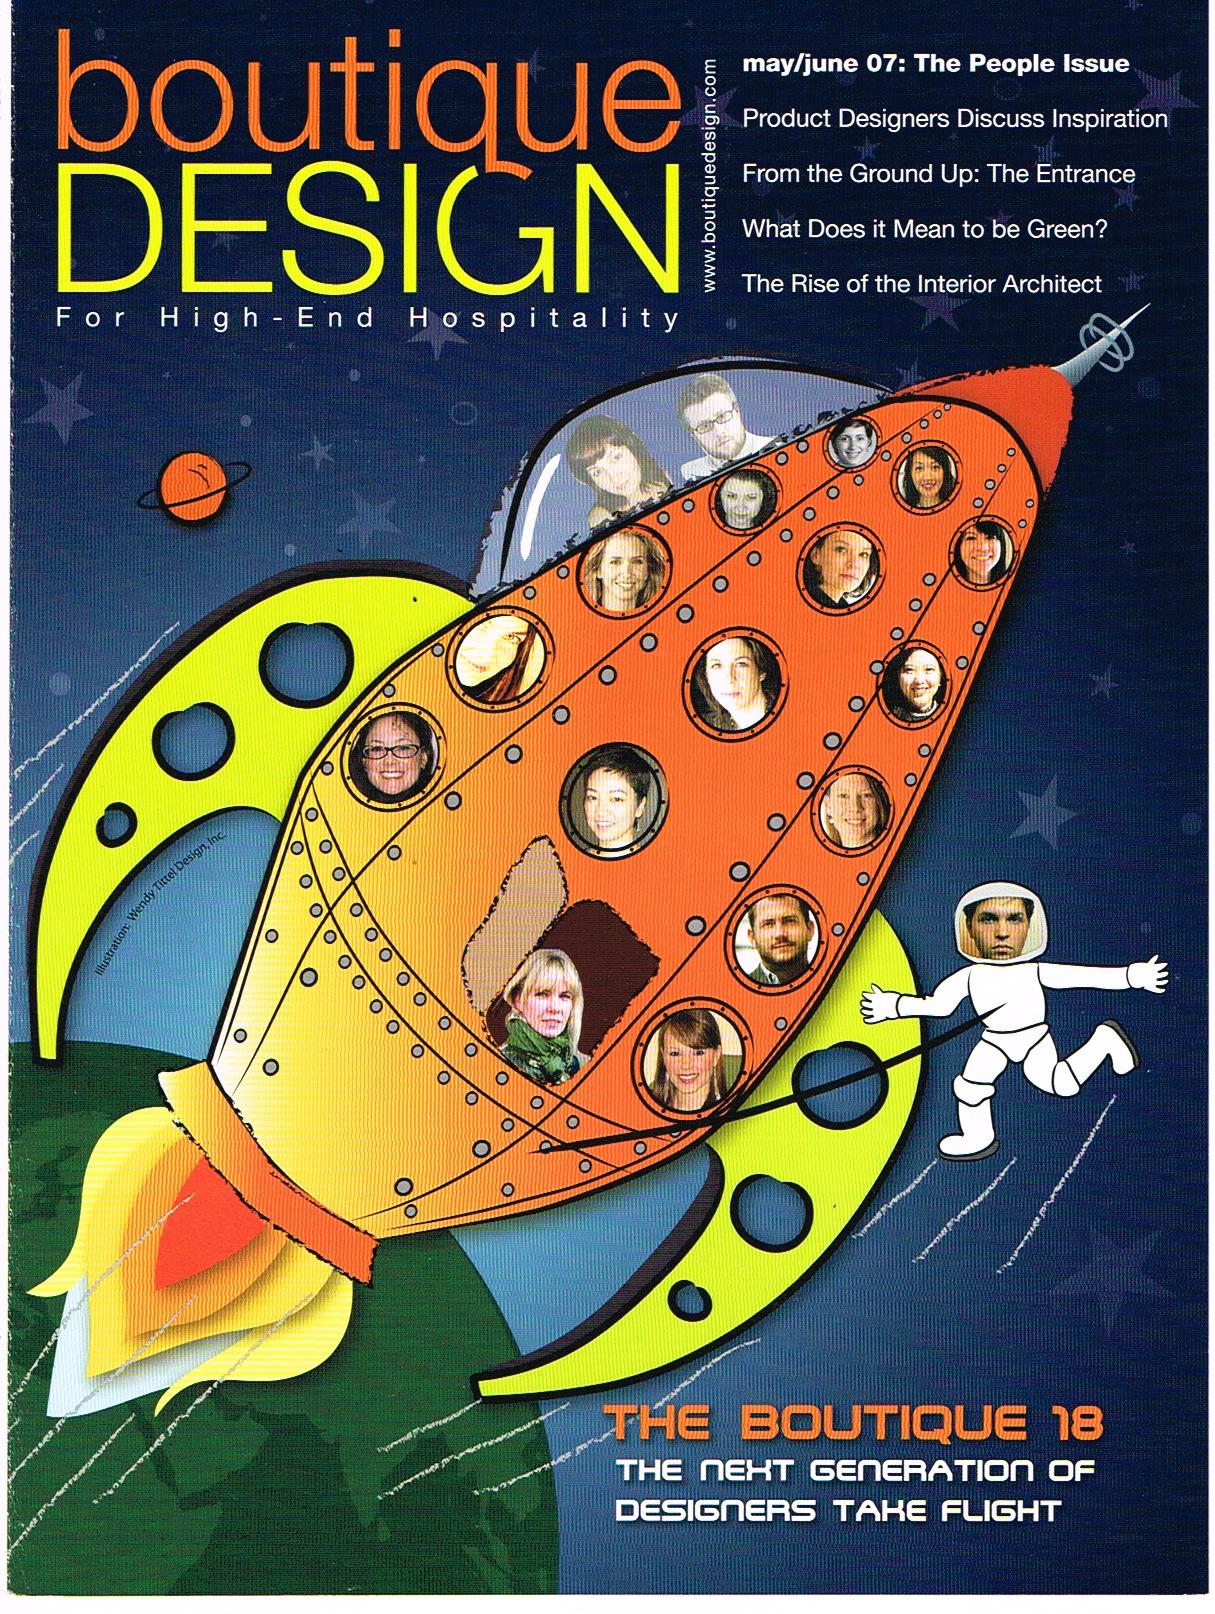 Boutique Design-cover.jpeg